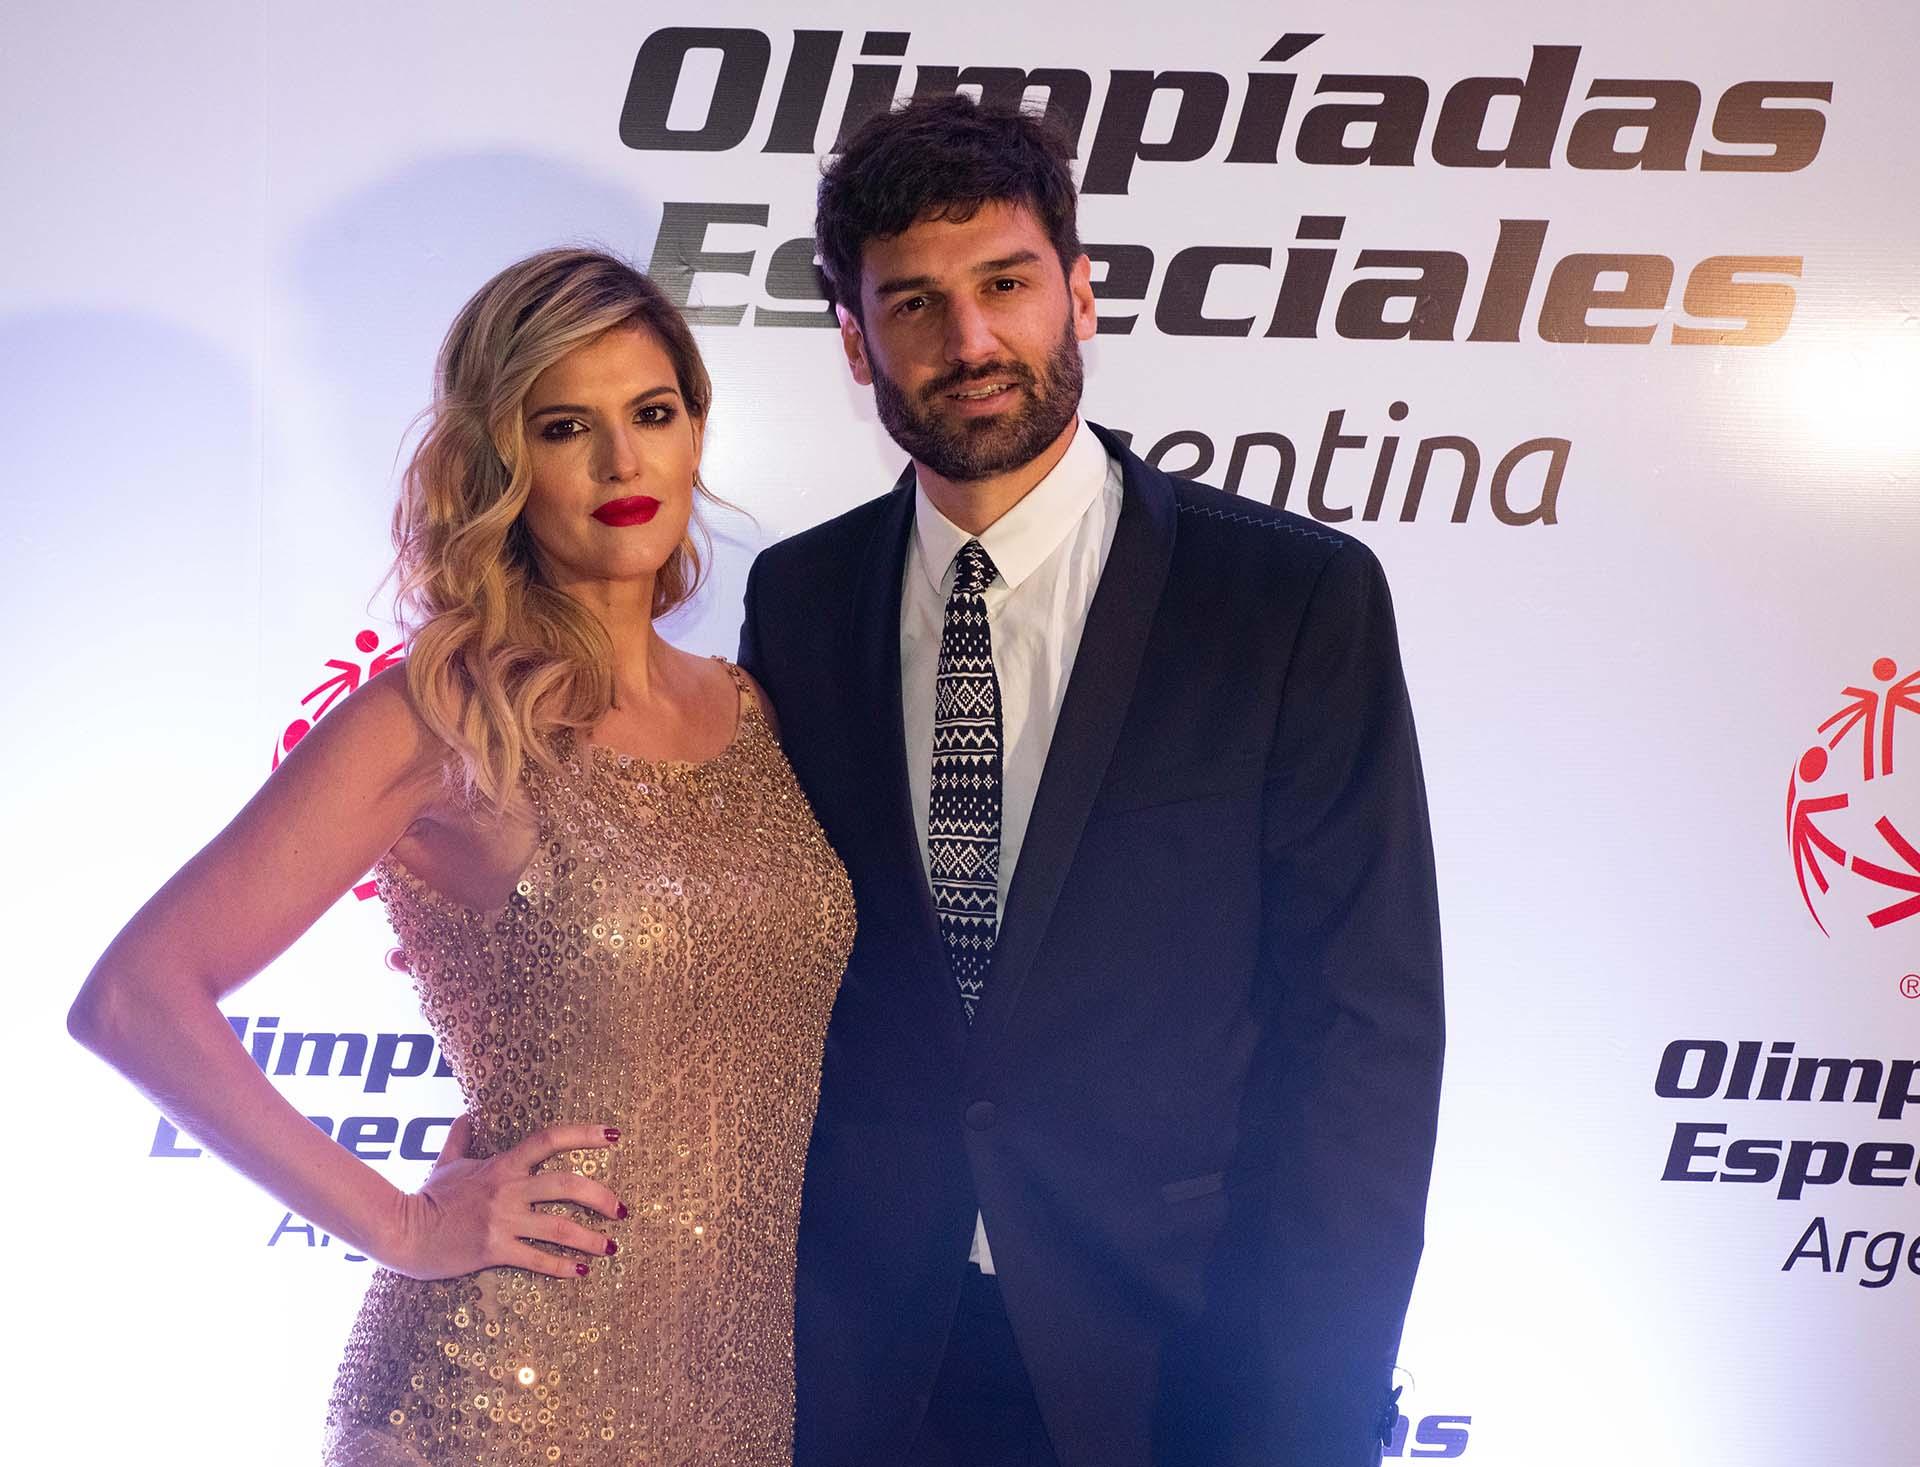 La modelo y actriz Mery del Cerro junto con su pareja Meme Bouquet